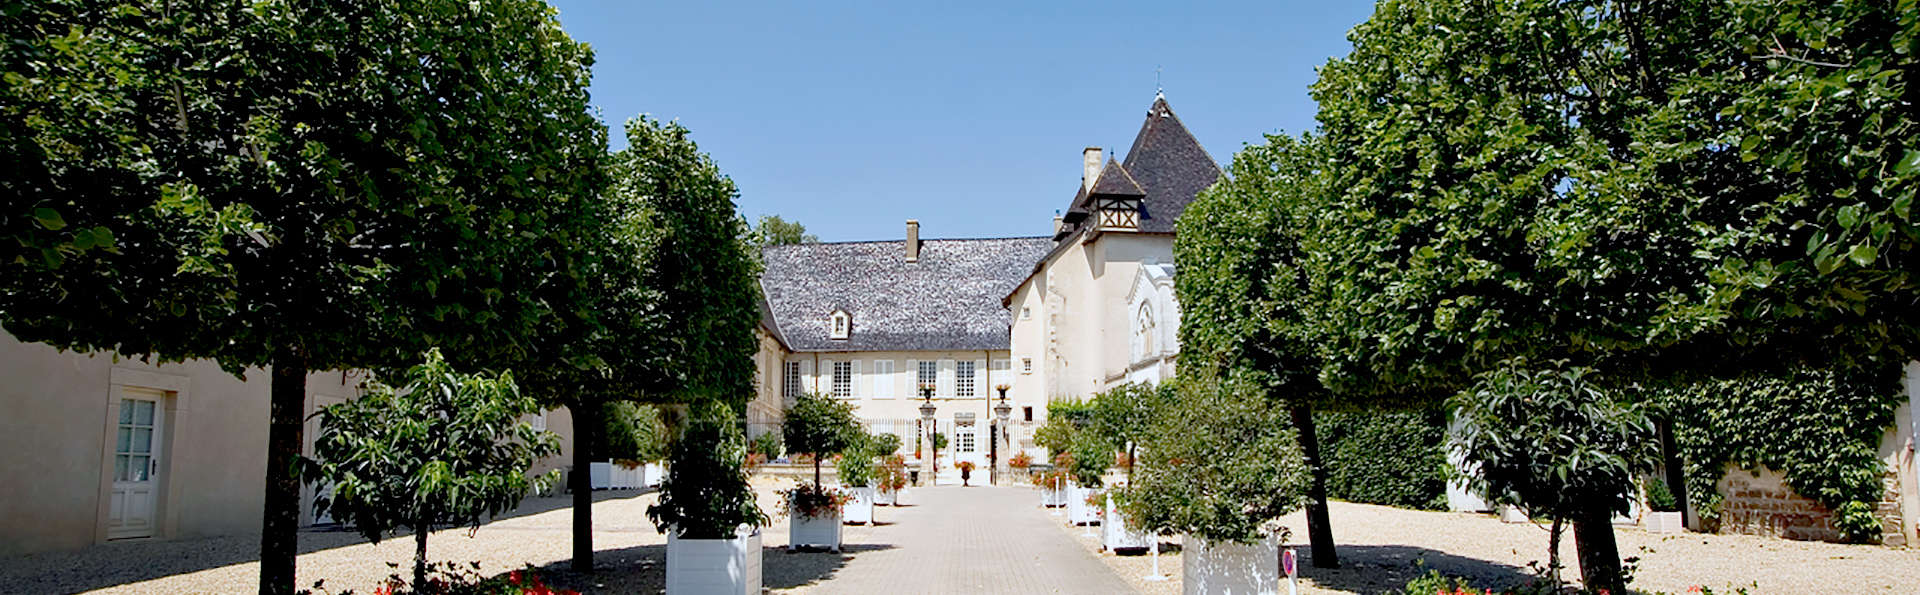 Spécial Eté : Gastronomie et détente dans un château du Beaujolais